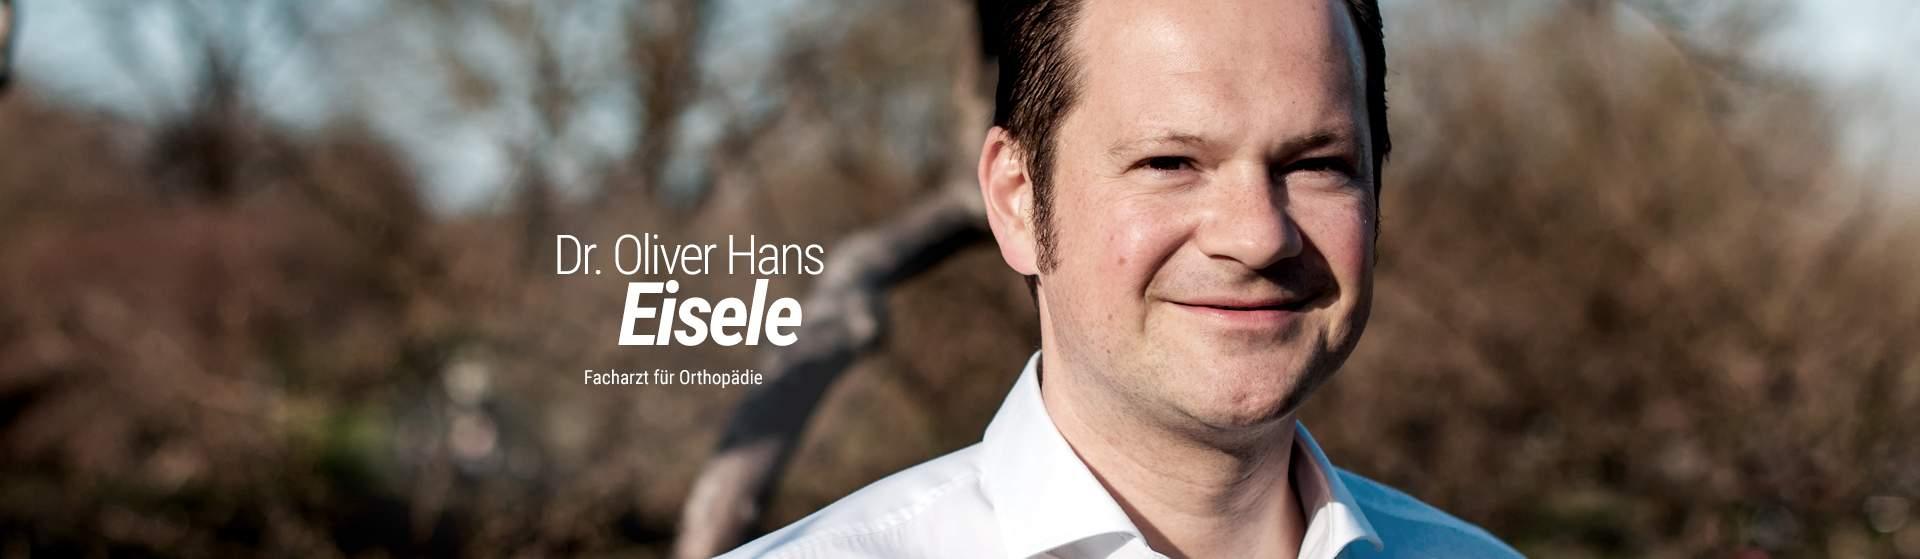 Dr Med Oliver Hans Eisele Orthoevo Dr Eisele Dr Volkering